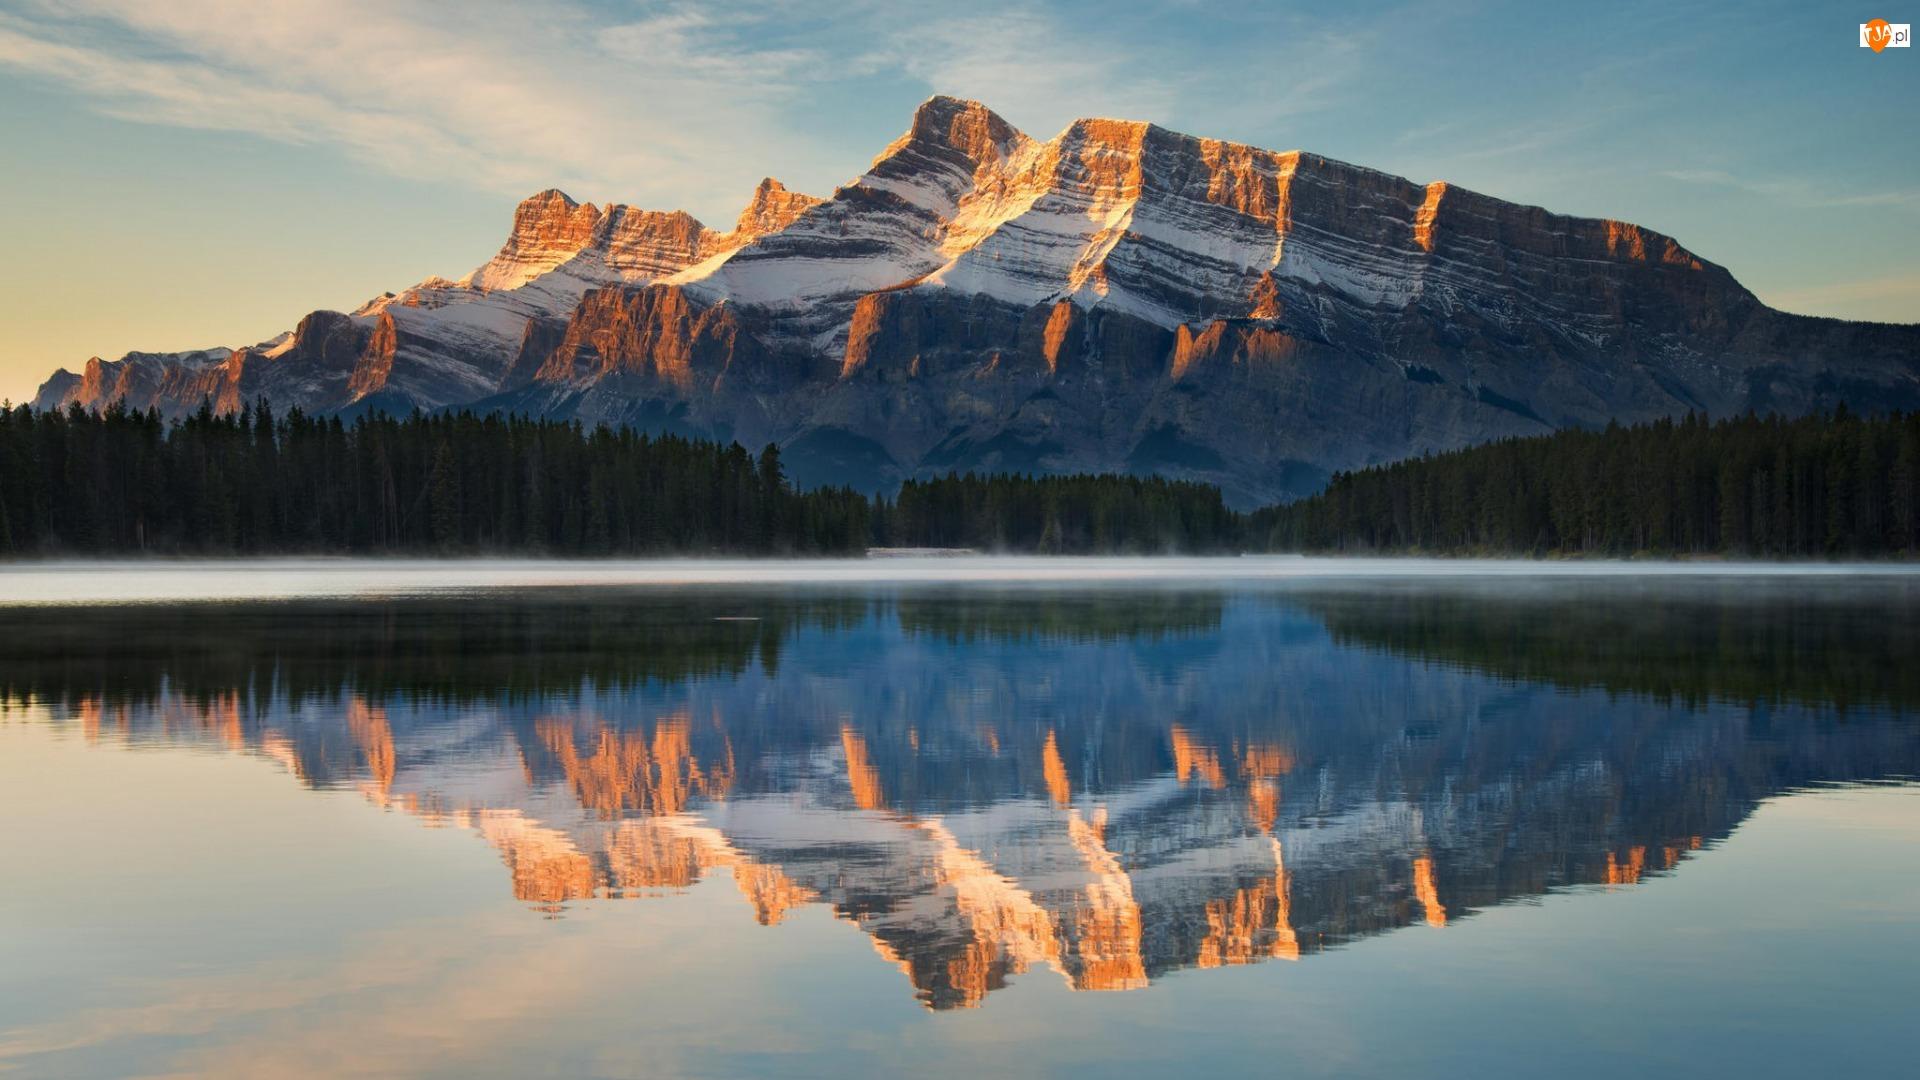 Góra Mount Rundle, Jezioro Two Jack Lake, Prowincja Alberta, Las, Kanada, Mgła, Park Narodowy Banff, Odbicie